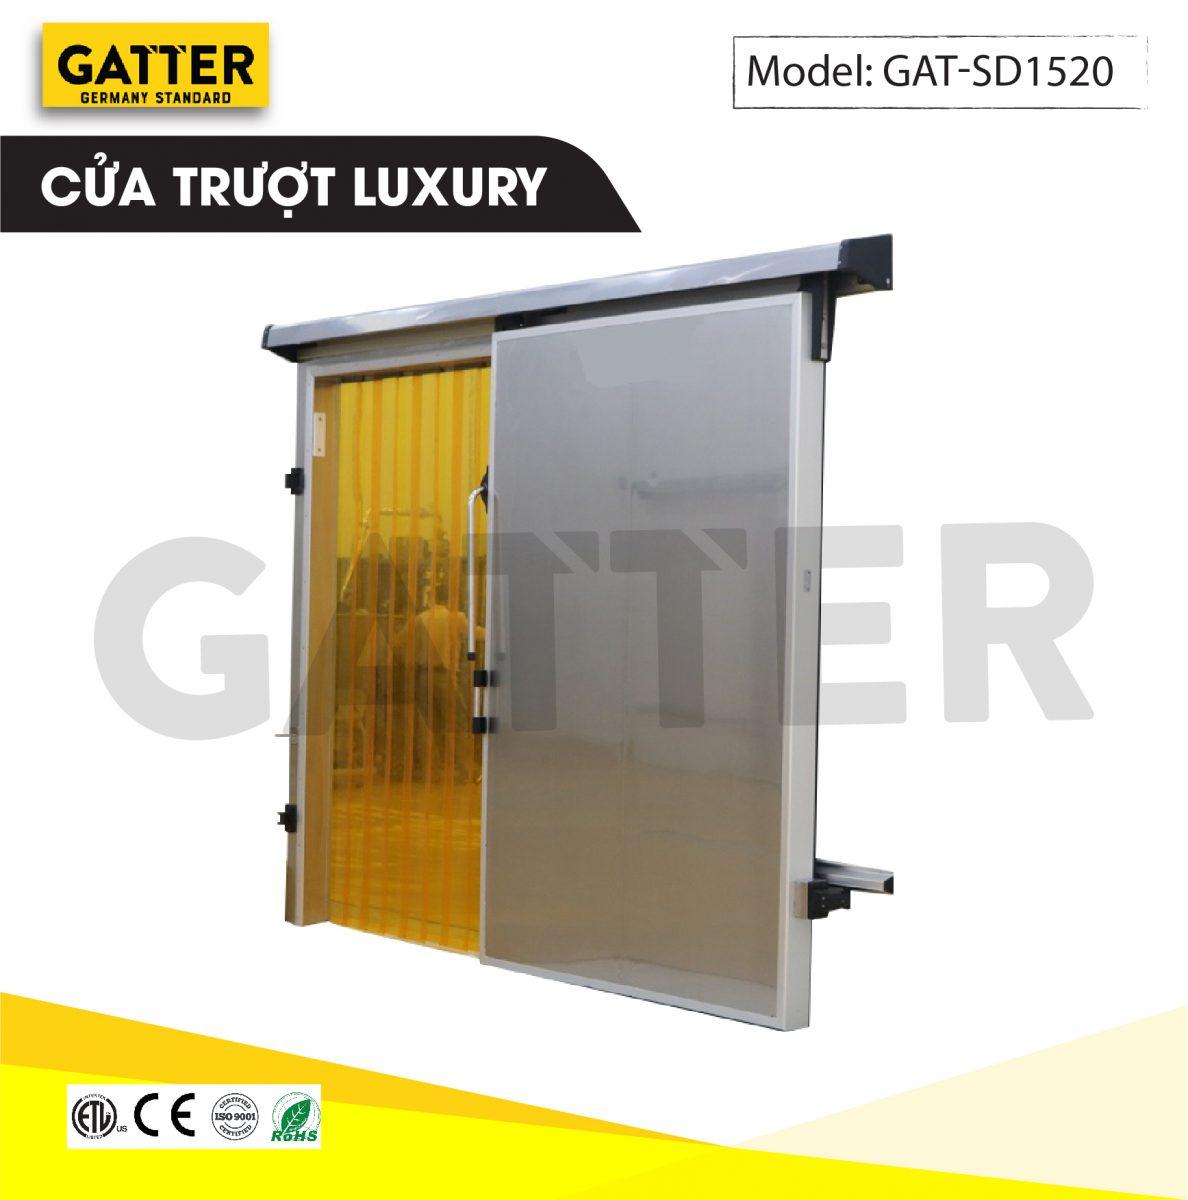 Cửa trượt kho lạnh cao cấp Luxury GAT-SD/1520